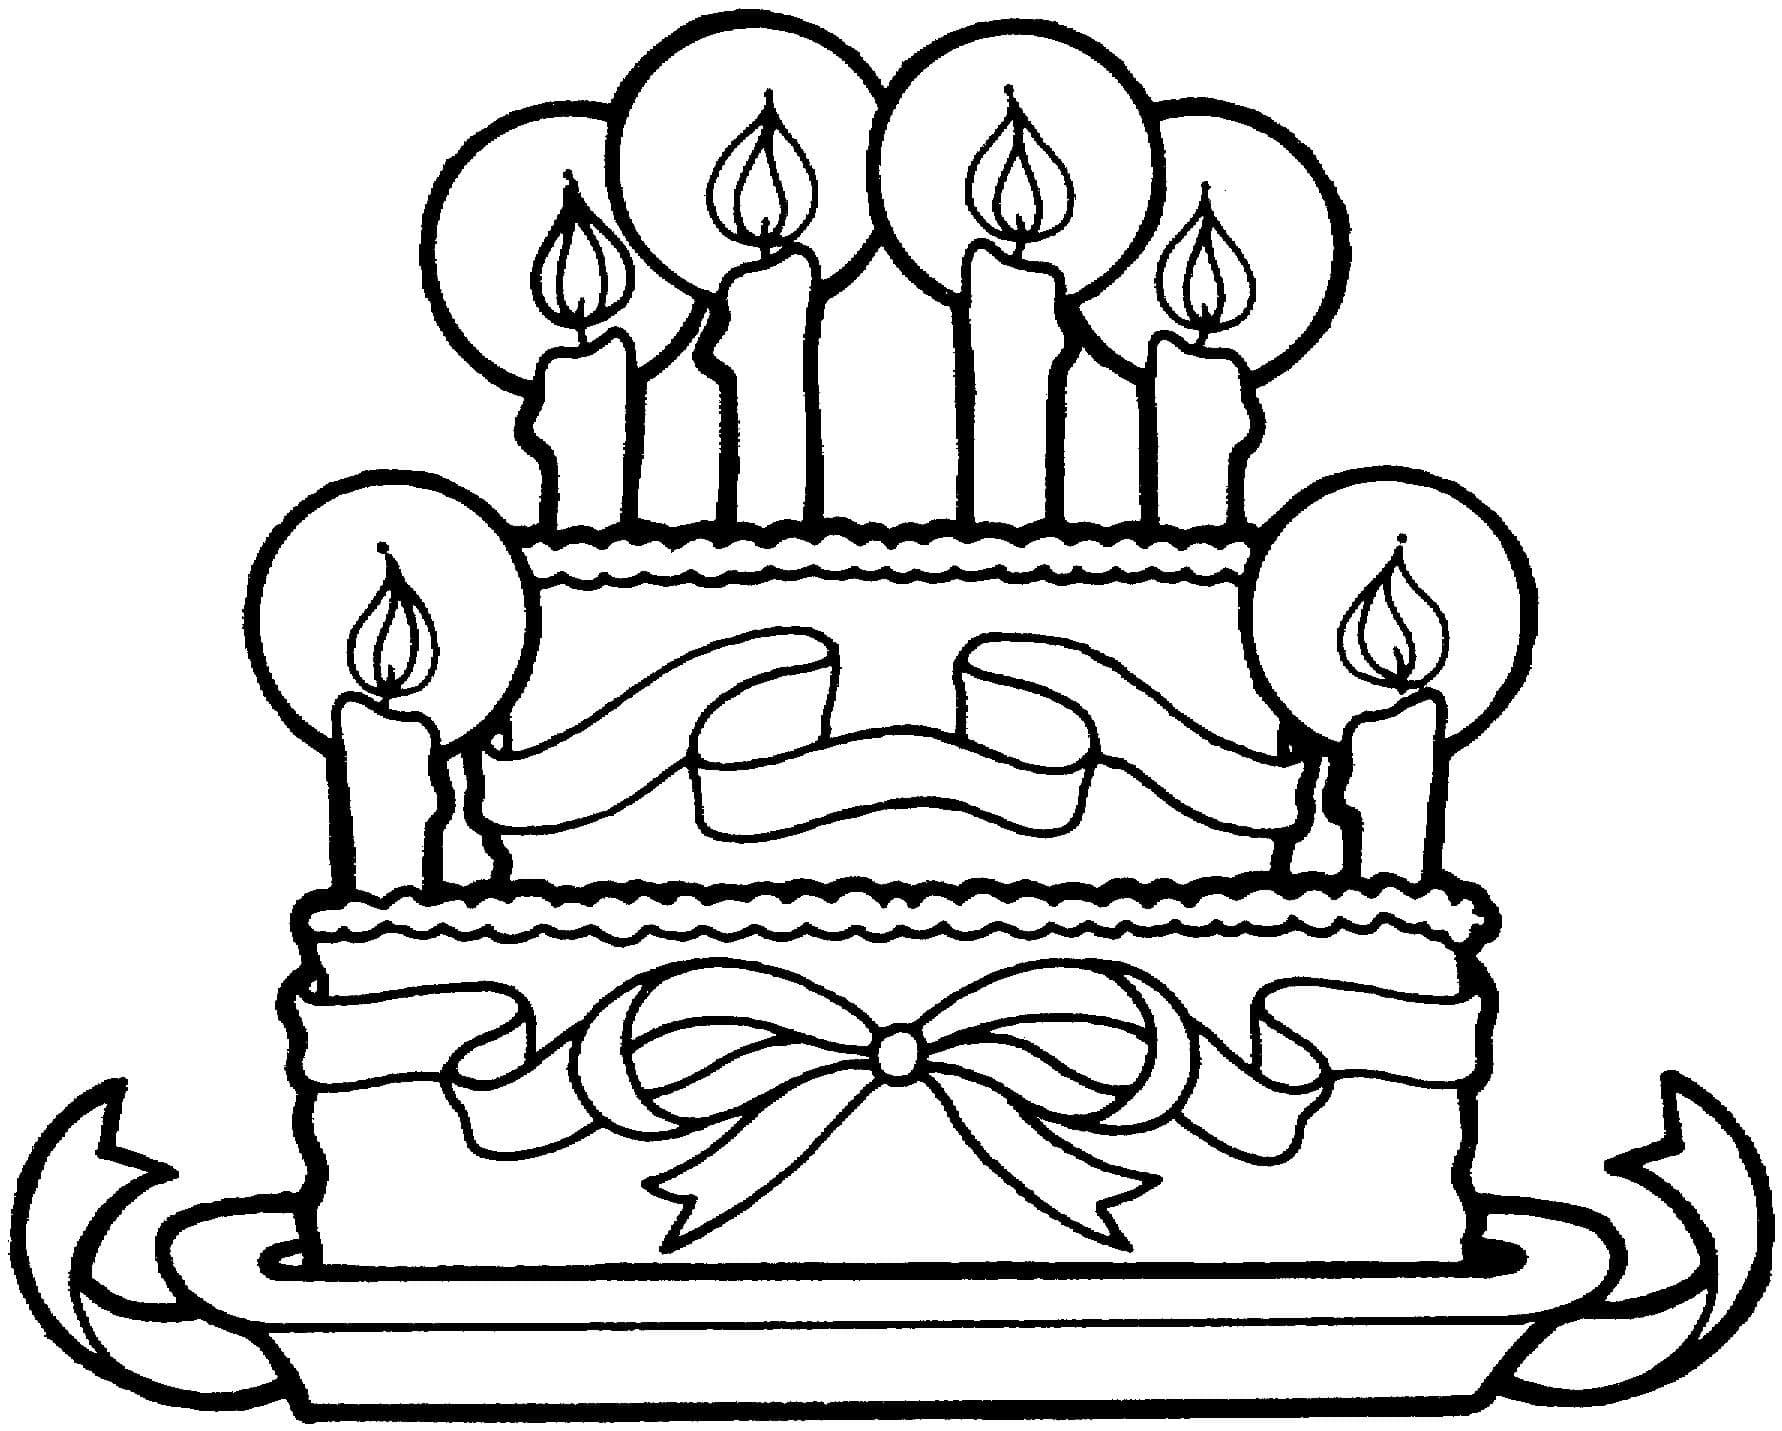 Открытки раскраски с днем рождения для мужчин, бабочка своими руками